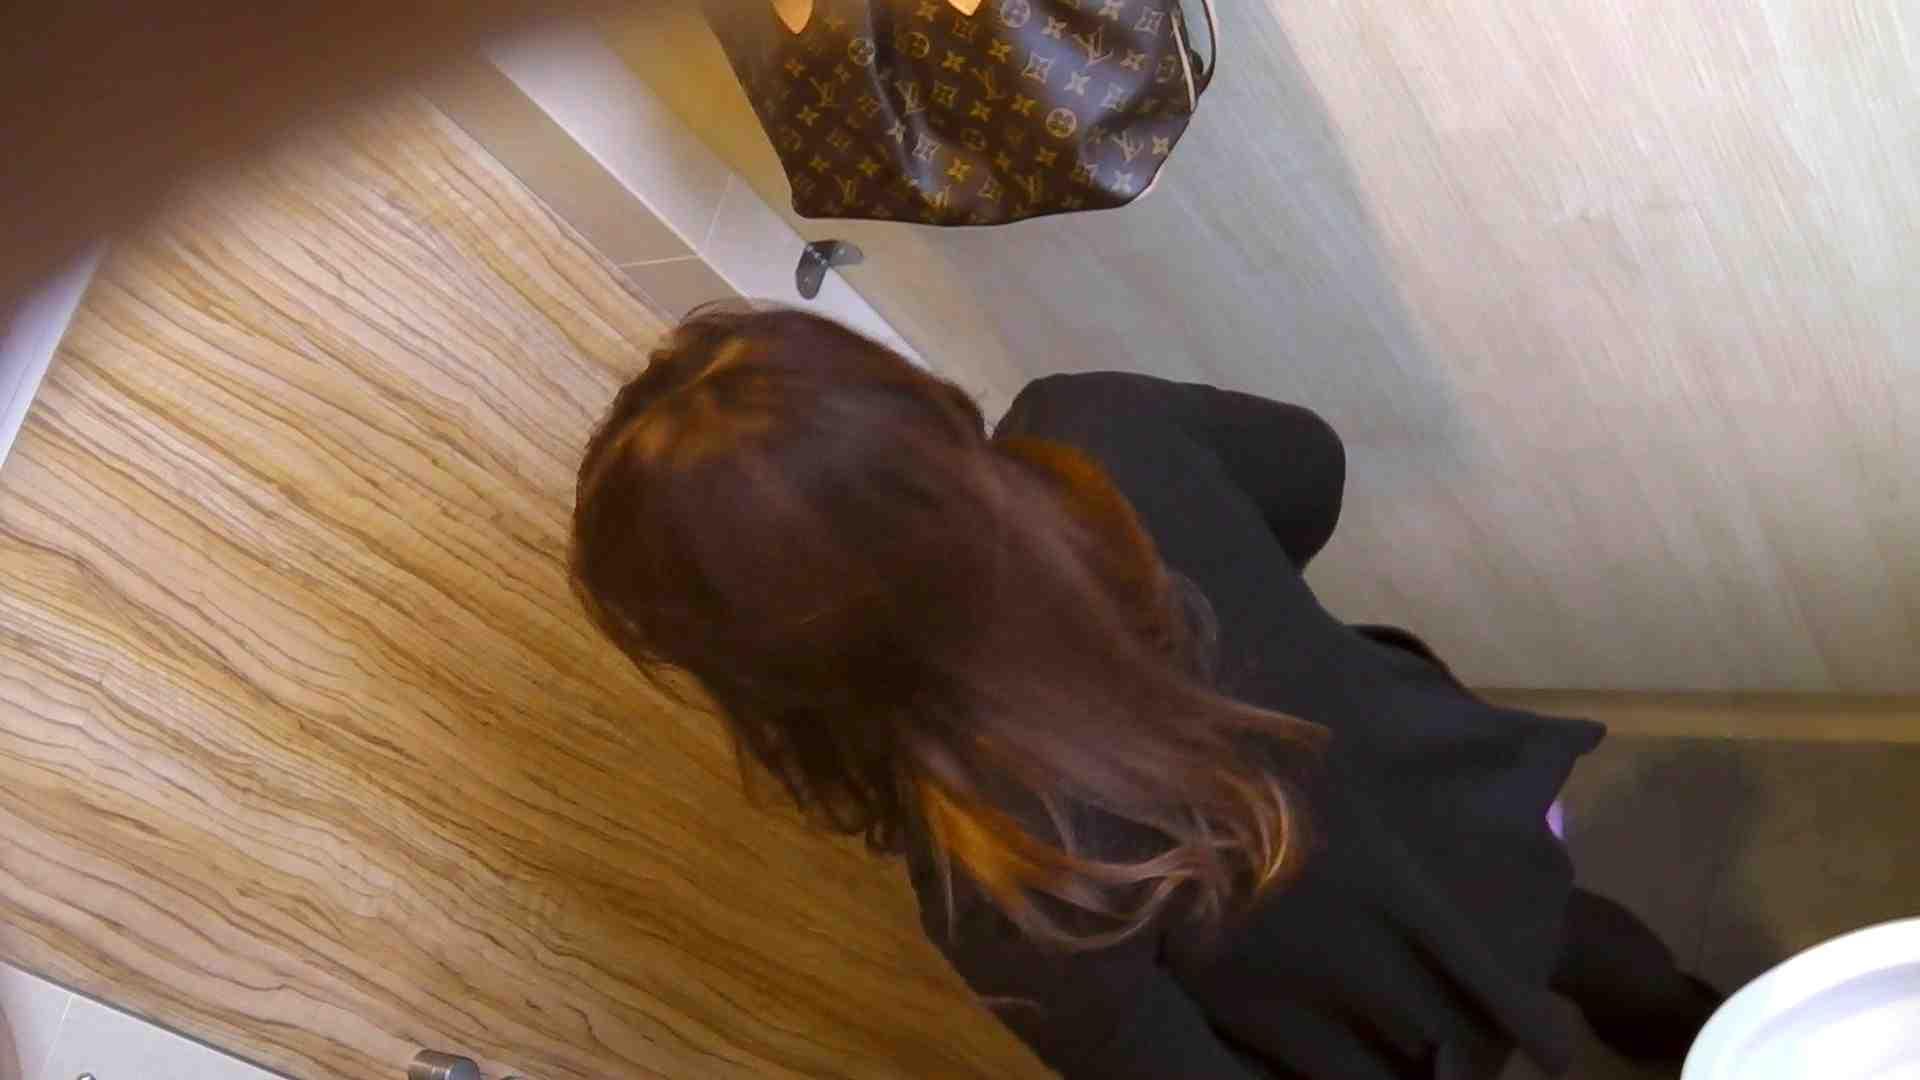 阿国ちゃんの「和式洋式七変化」No.3 洗面所  29pic 28